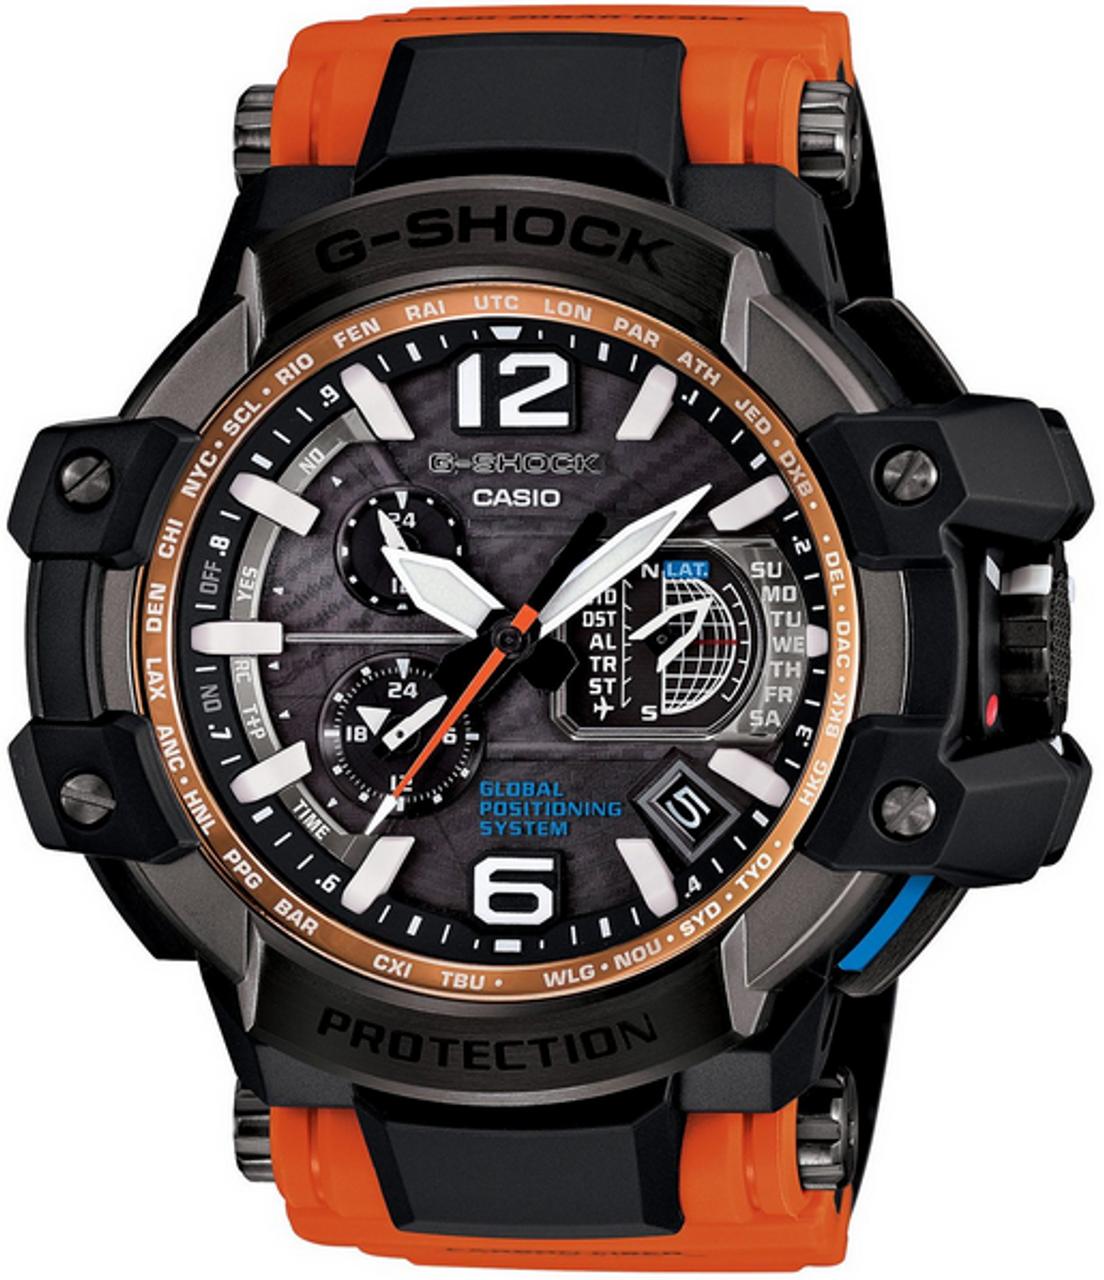 Casio G-Shock GPS GPW-1000-4AJF